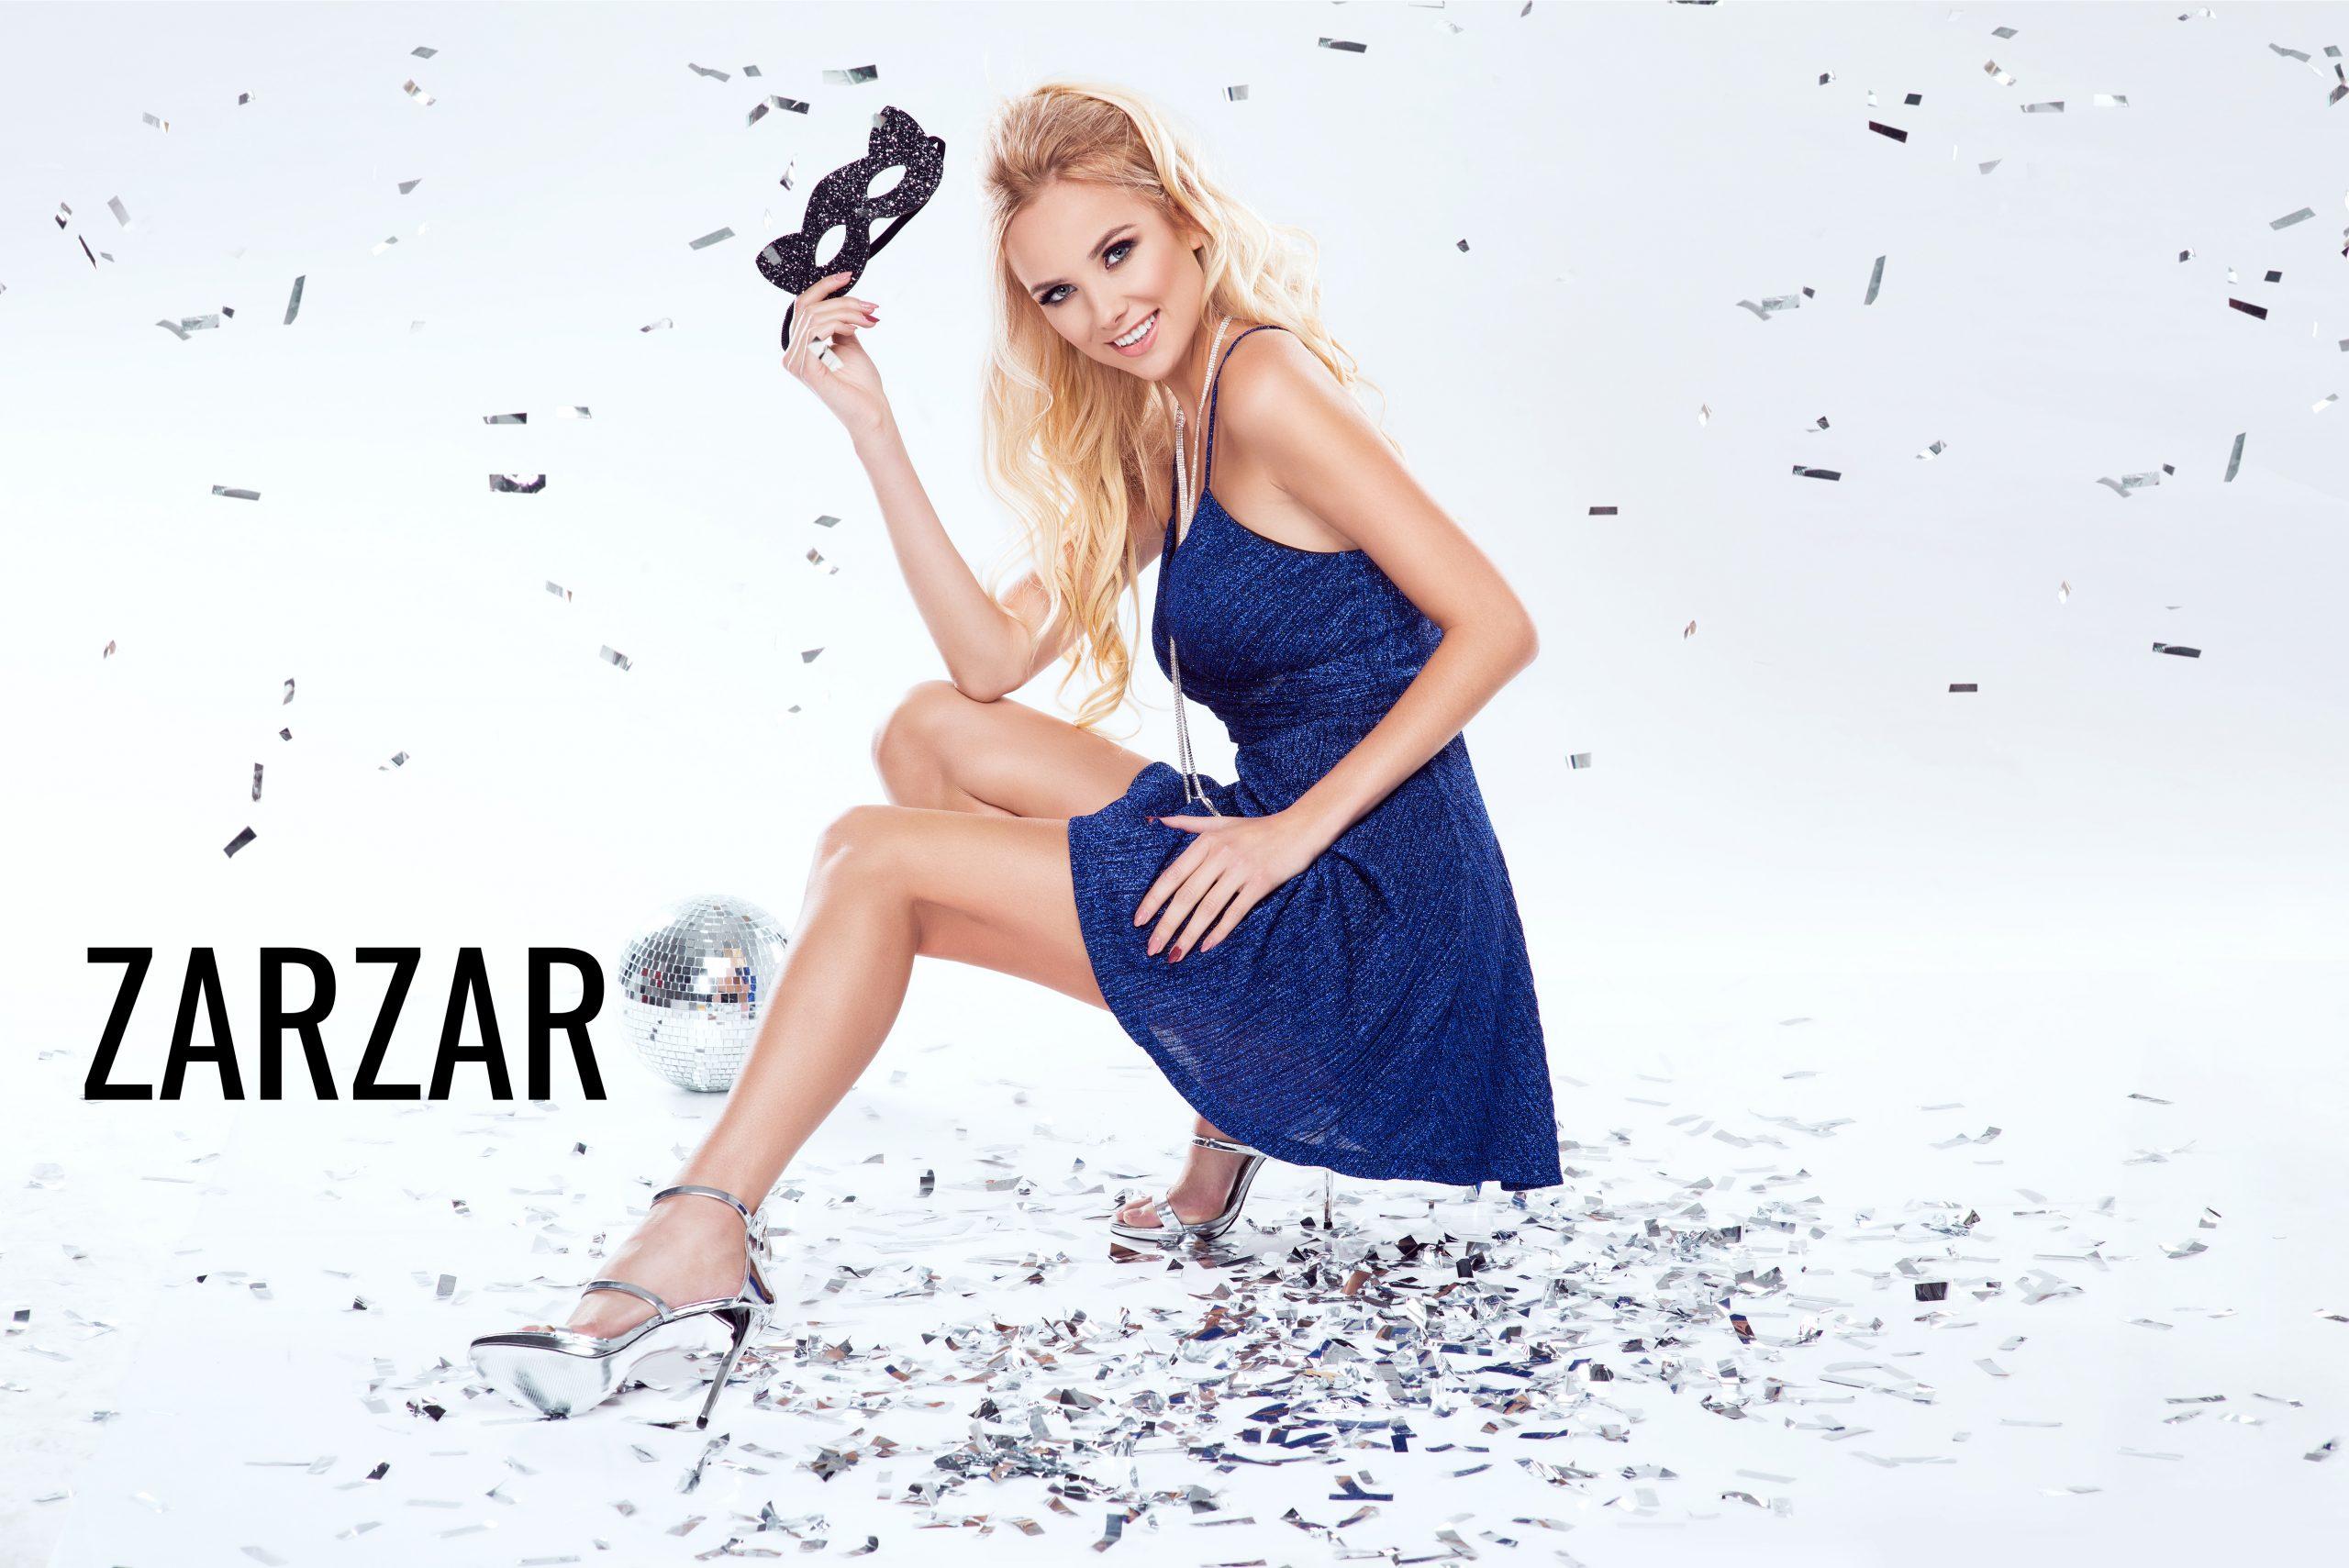 ZARZAR FASHION Beautiful Dresses. Beautiful Young Blonde Woman In Sexy Blue Dress.